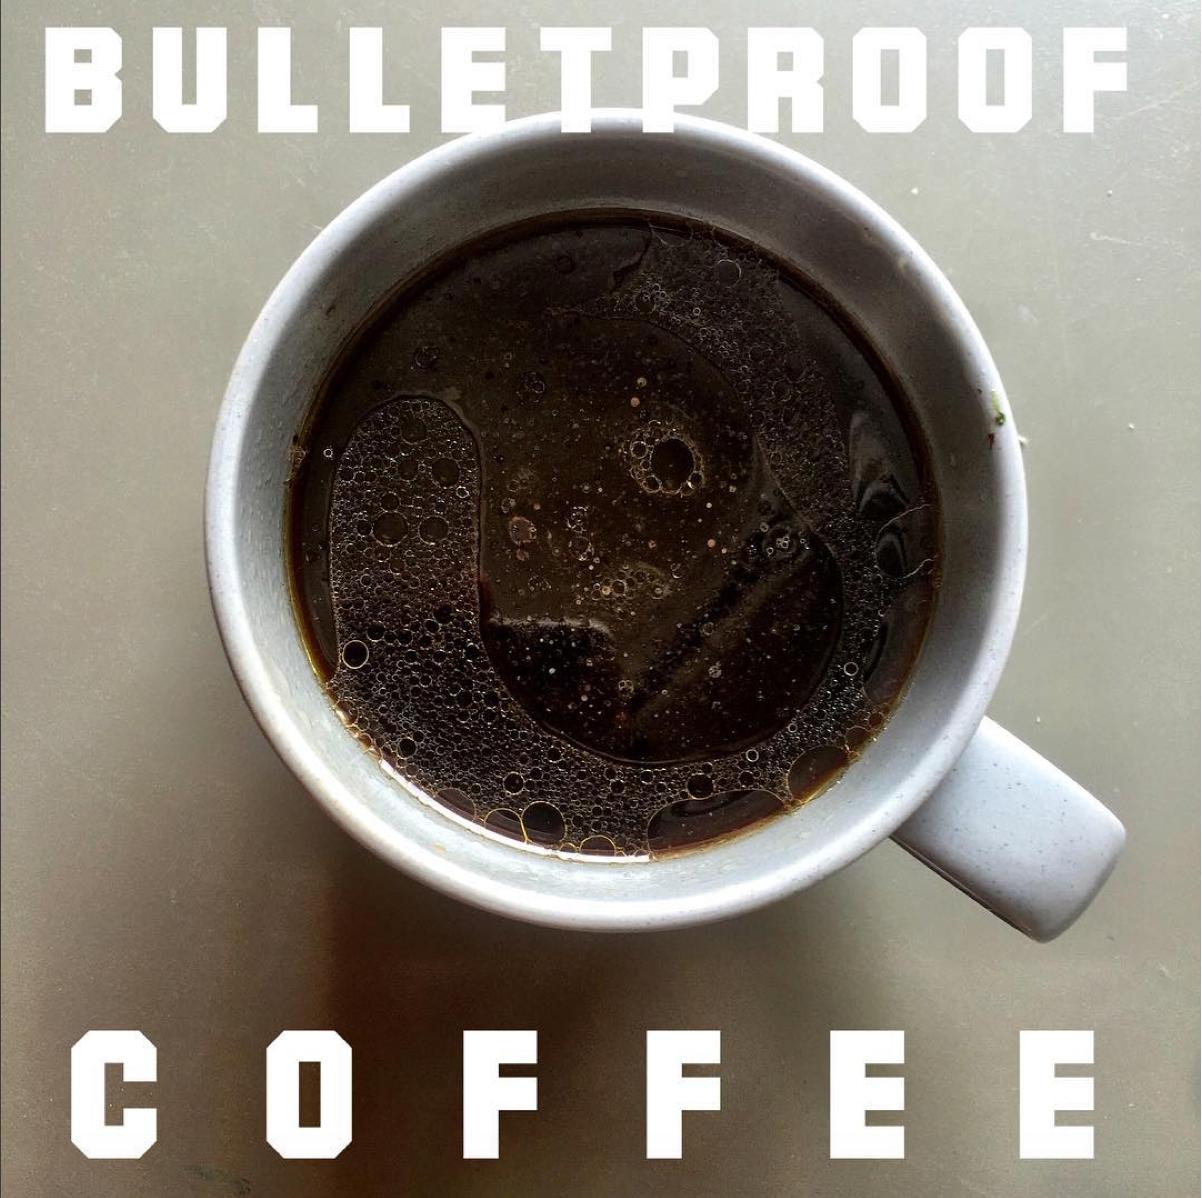 Das perfekte Fatburner Getränk für einen flachen Bauch: Bulletproof Coffee - steigert die Fettverbrennung und sorgt für einen flachen Bauch